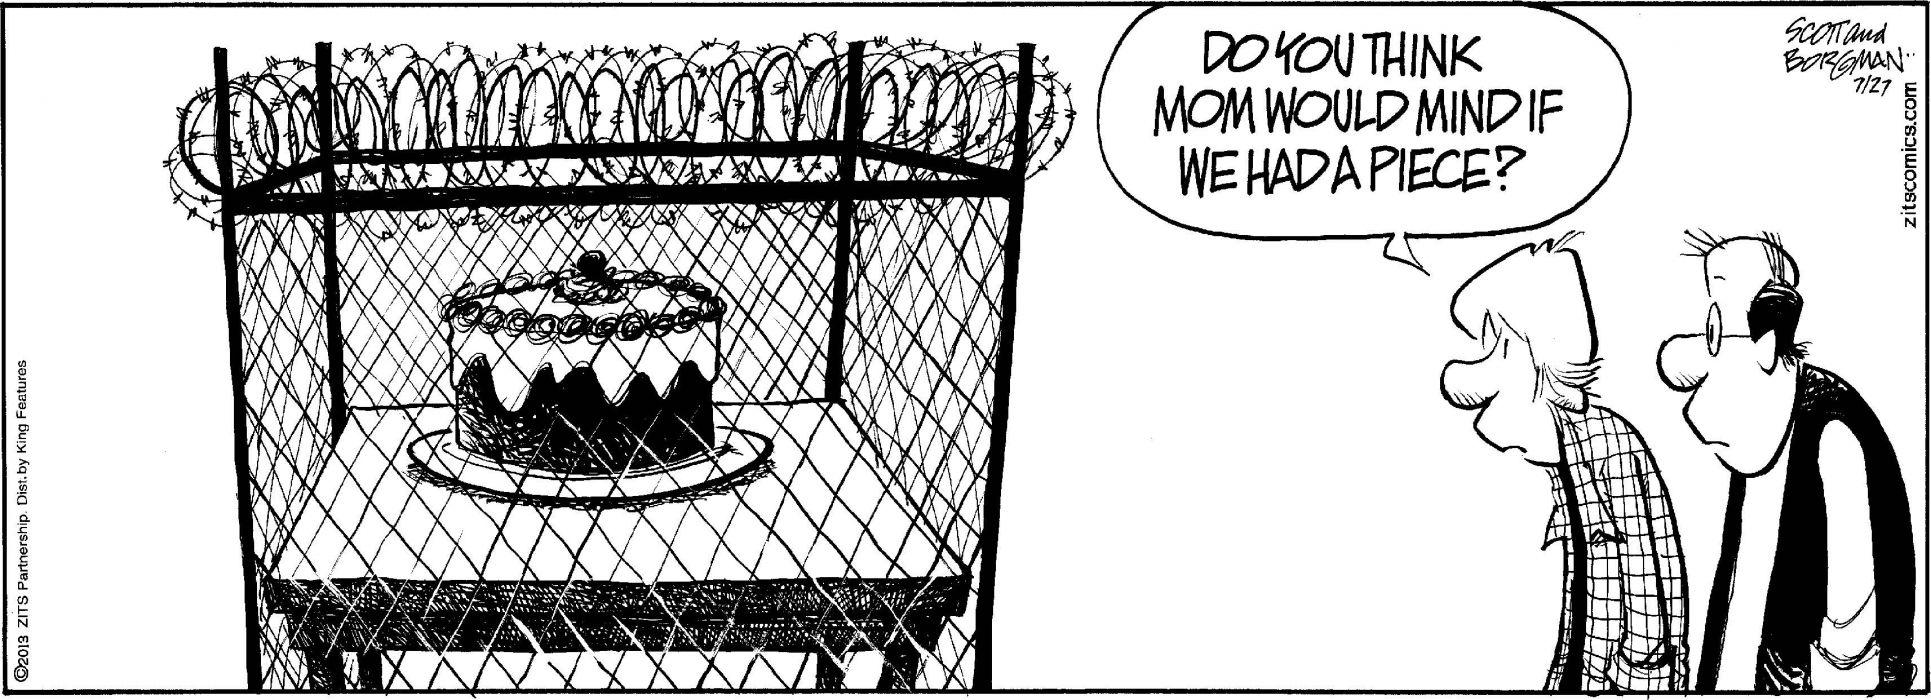 ZITS comicstrip humor funny (10) wallpaper